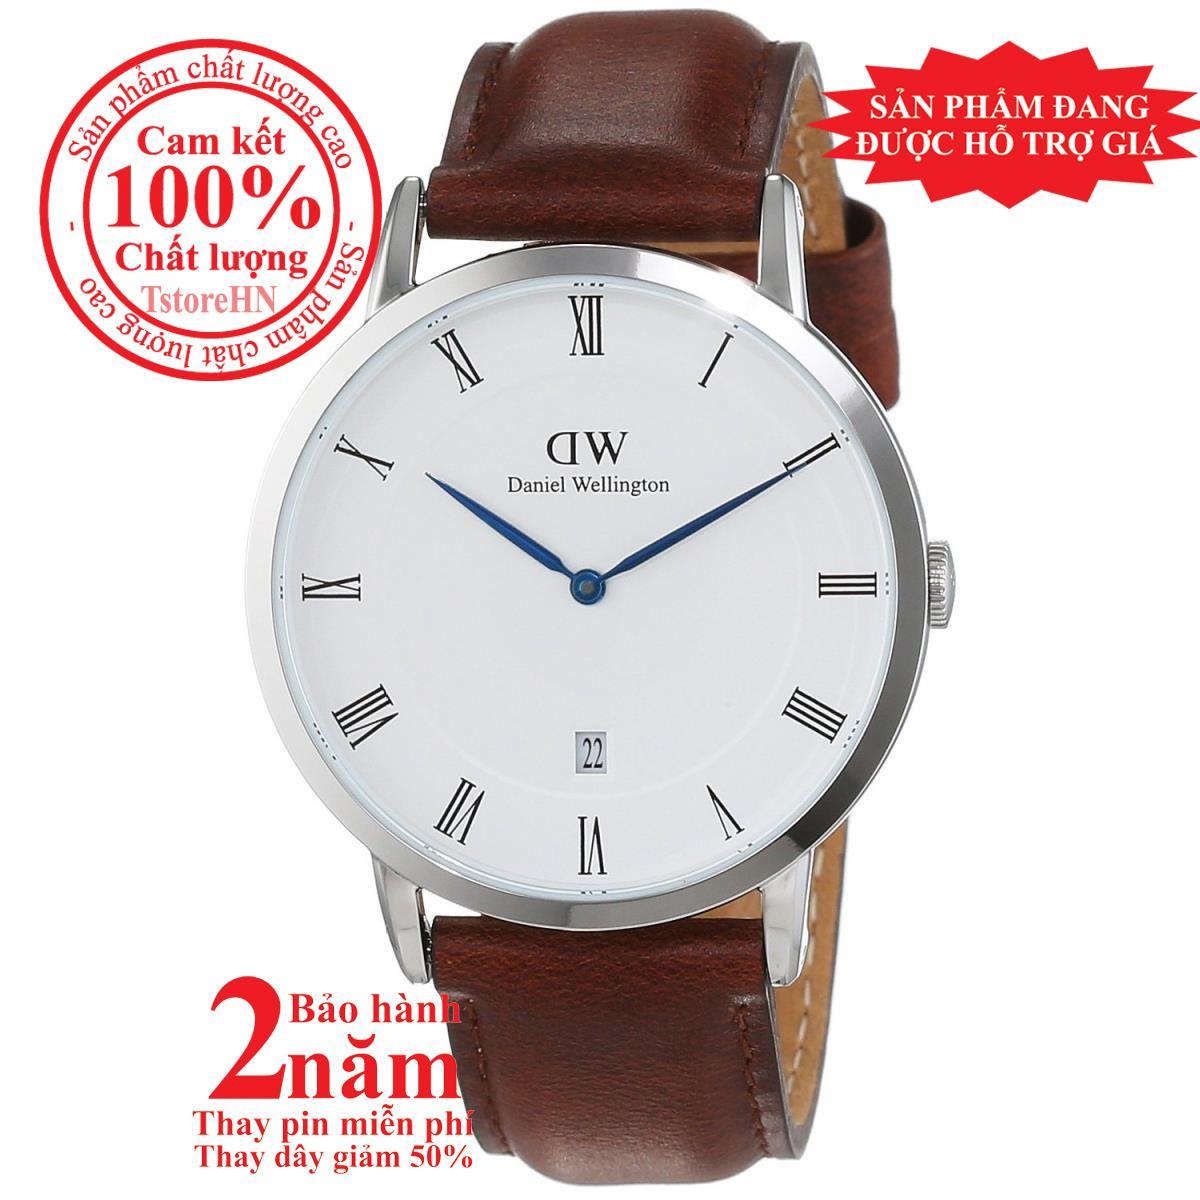 Đồng hồ nữ Daniel Wellington St Mawes 34mm - Màu Bạc (Silver), mặt trắng (White), dây da nâu, DW00100095 bán chạy